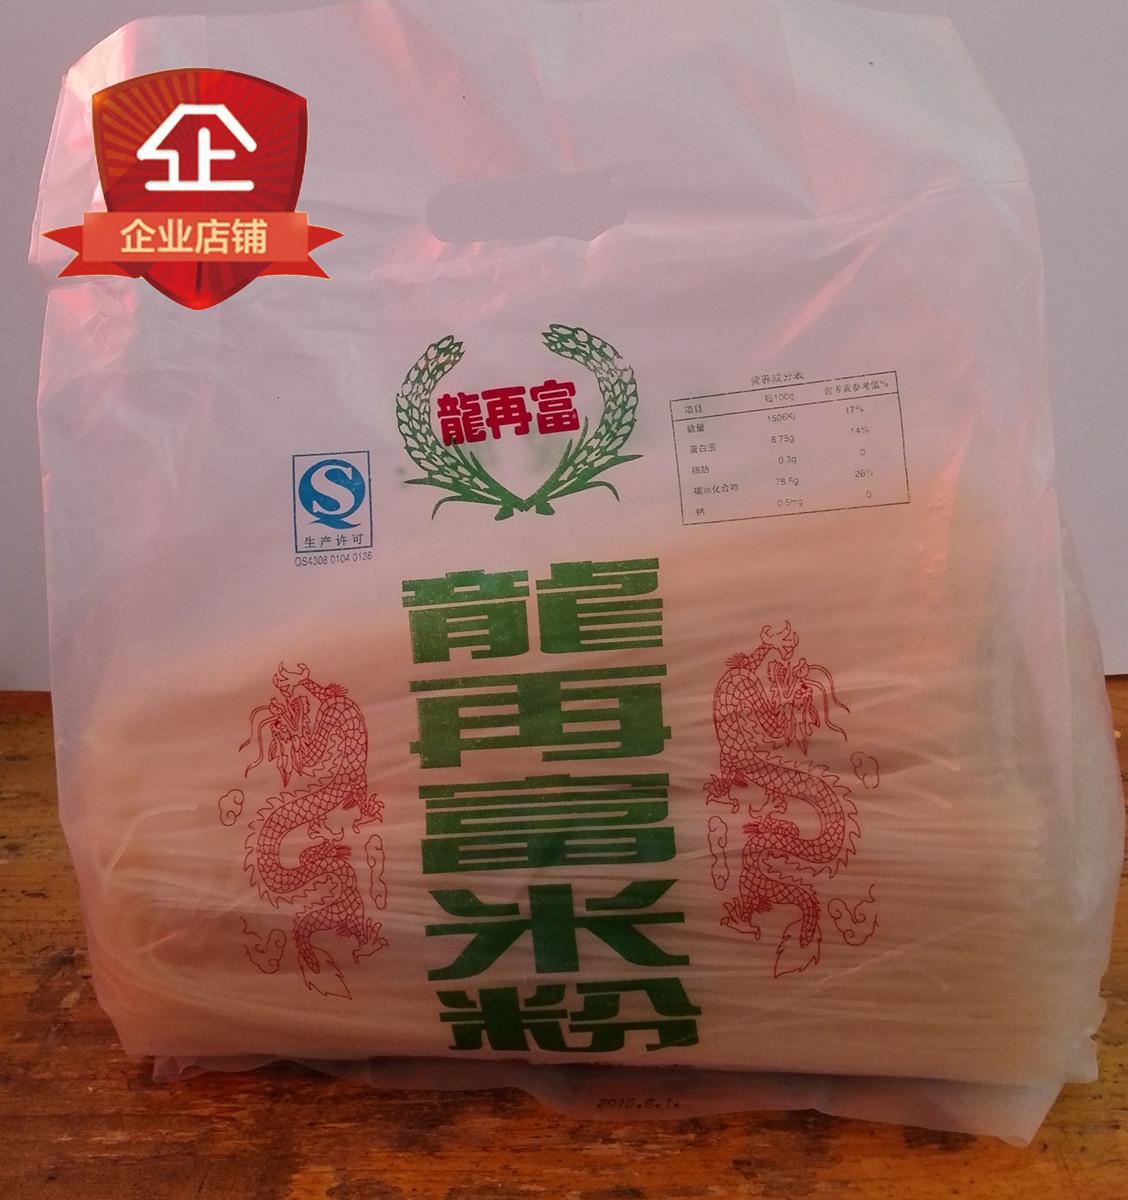 张家界特产慈利江垭龙再富米线干米粉特色家乡味道2000g农家米面